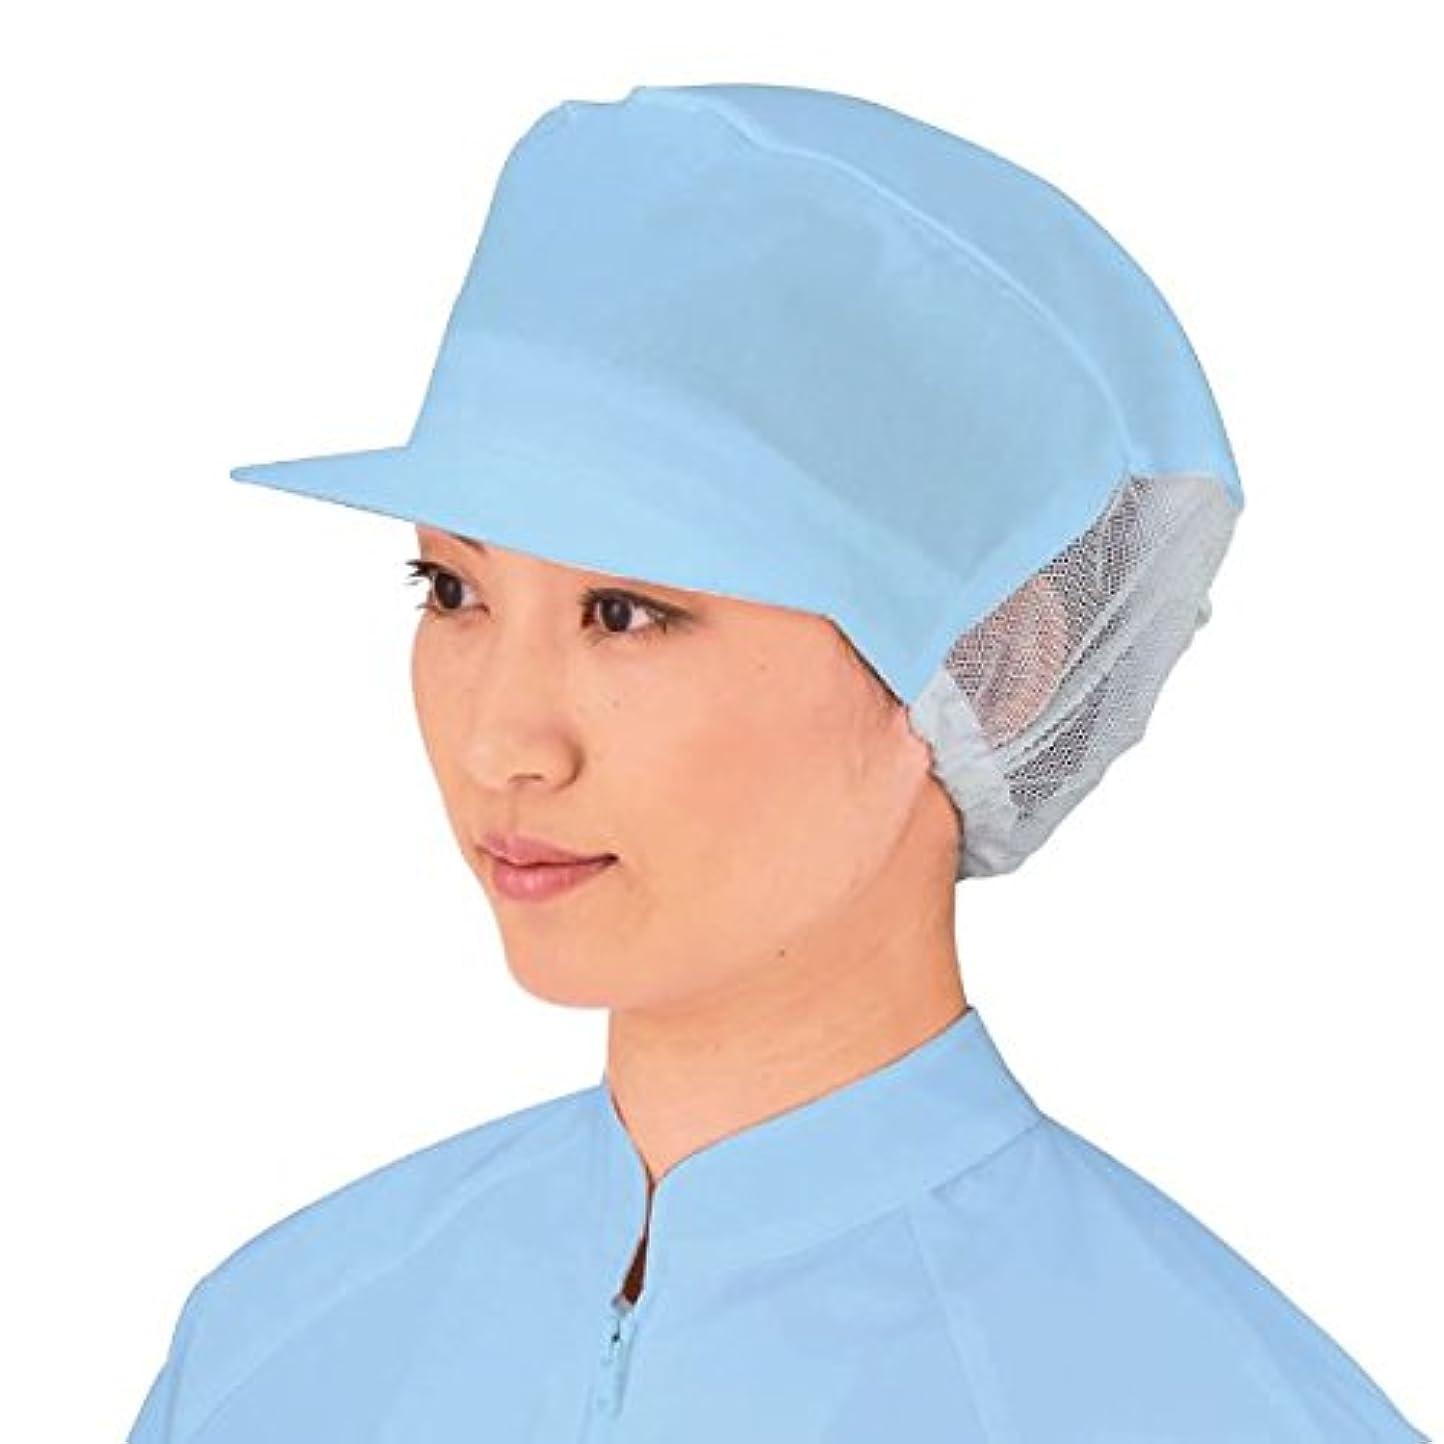 憤る神社好きである工場用白衣/ユニフォーム (婦人帽子 サックス) 抗菌?制電機能付き 『workfriend』 SK28